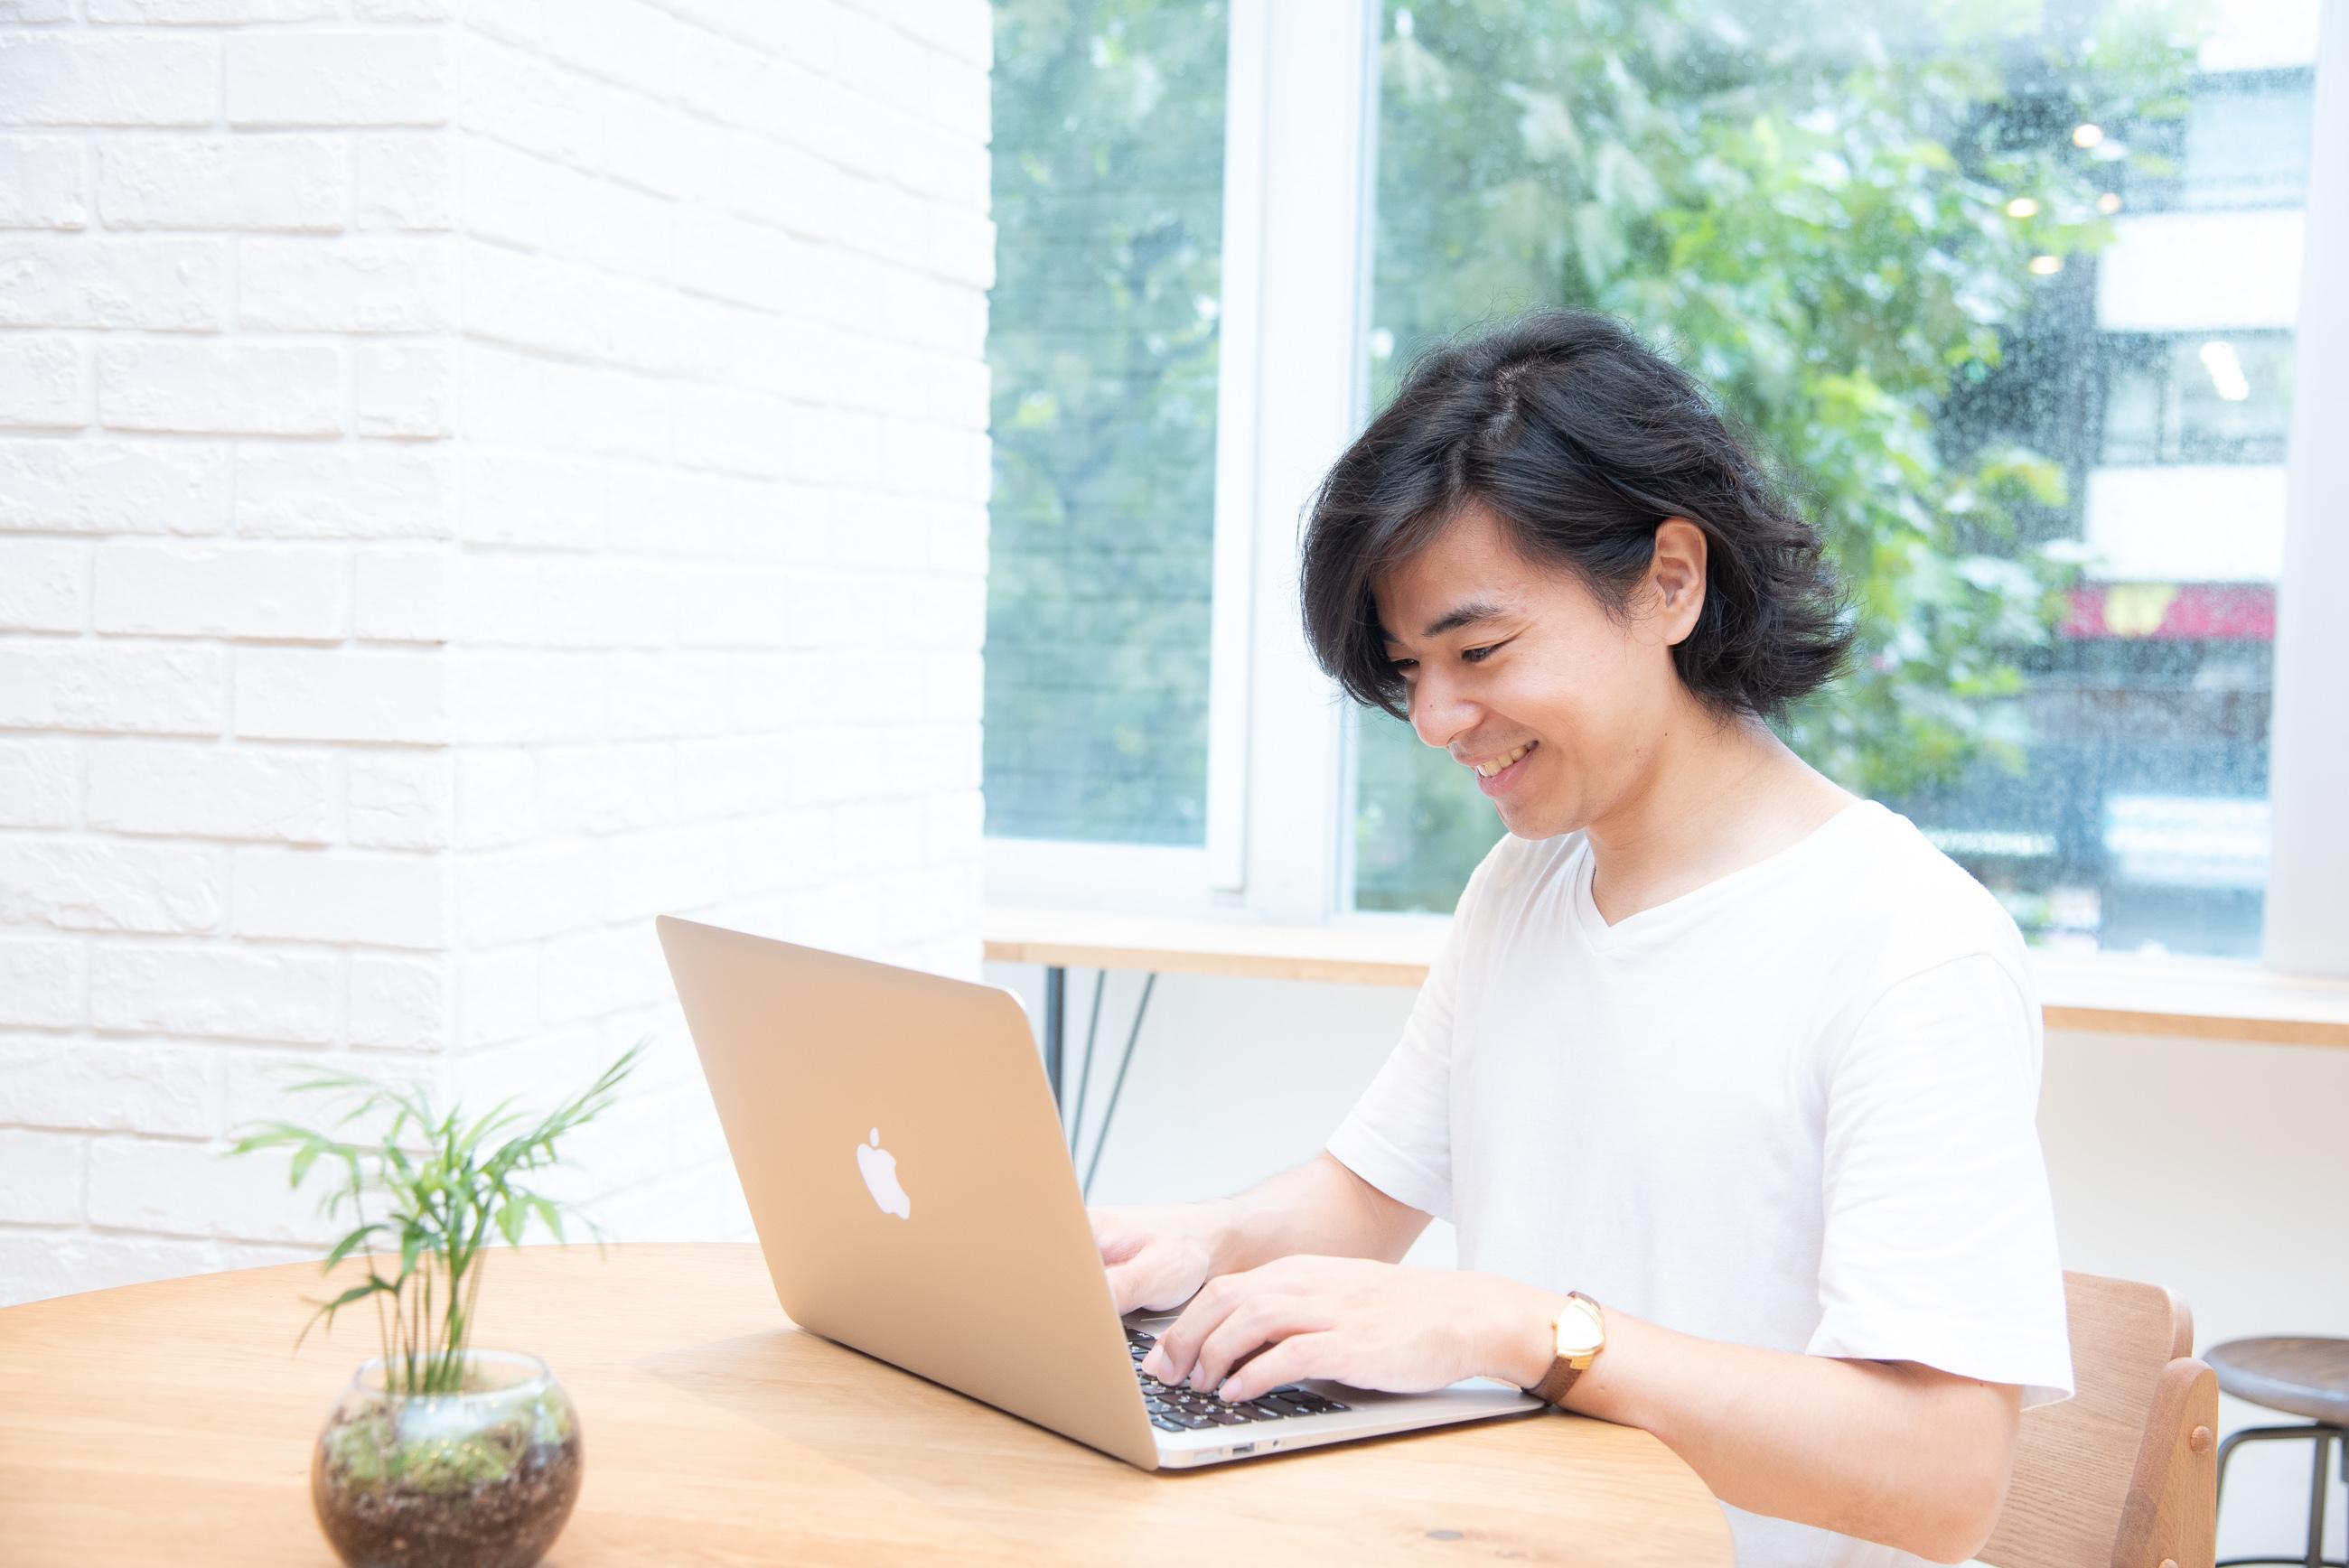 【オンライン完結】教えながら自分の基礎スキルUP!PHPの経験を生かしてプログラミング講師として活躍してみませんか?